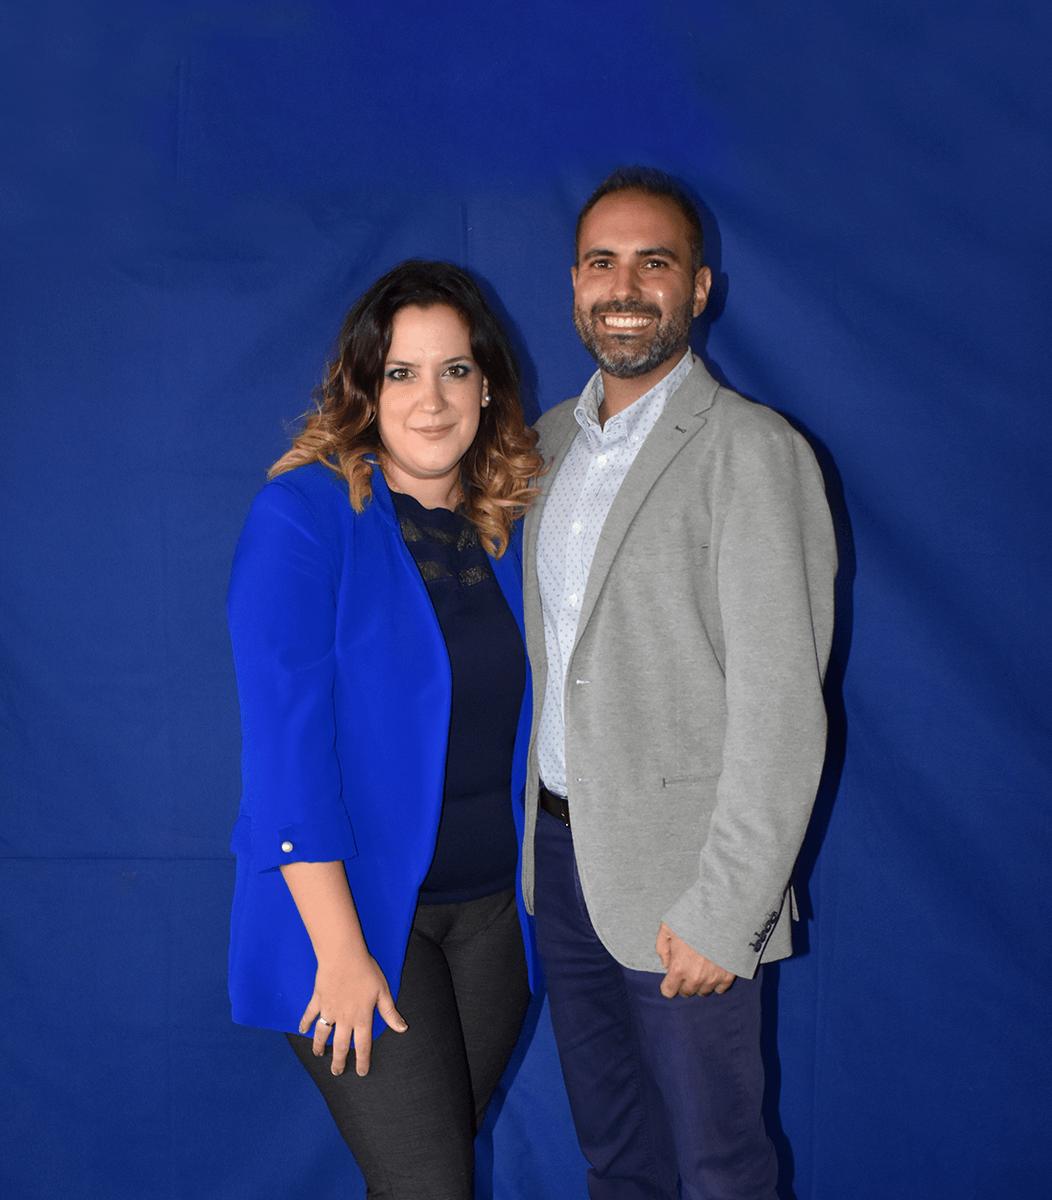 Borja Baena y Alejandra Morquilla | Centro de Vida Cristiana